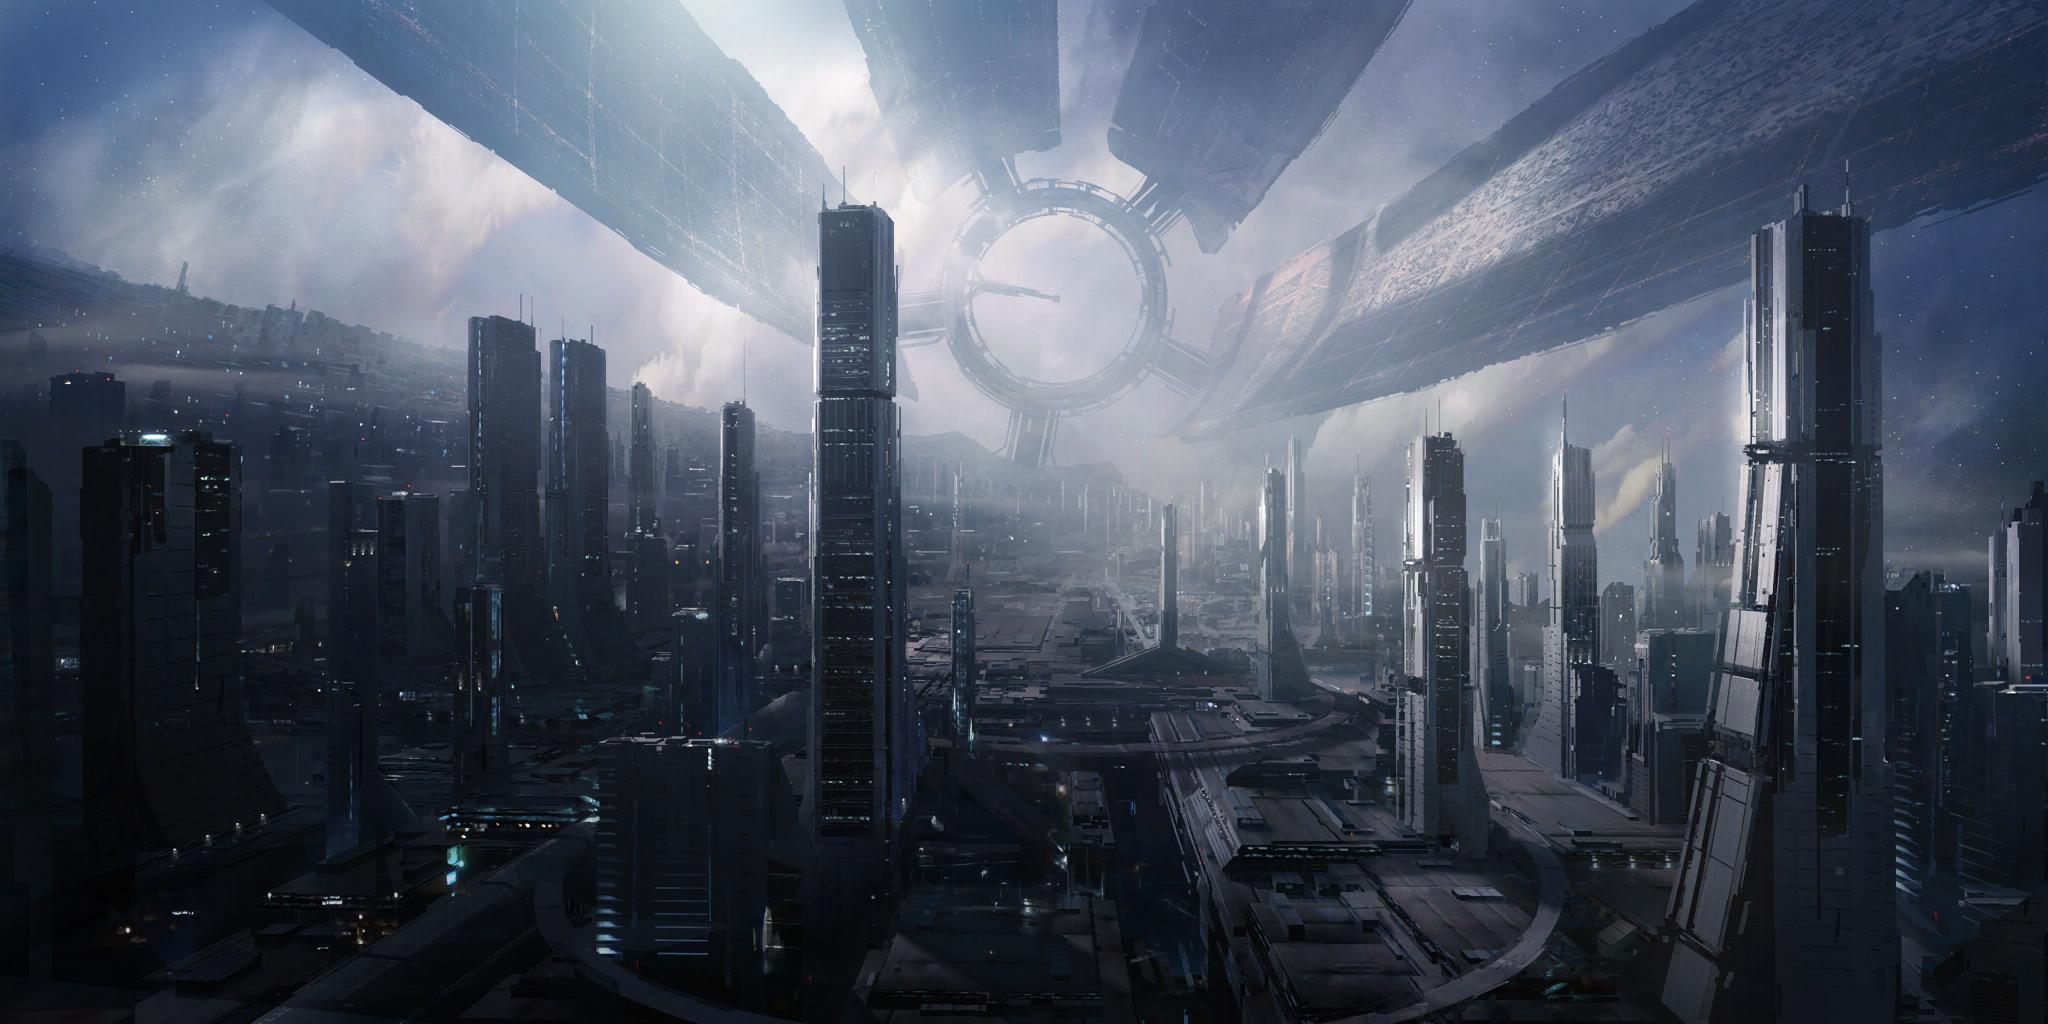 Awesome Mass Effect Game Wallpaper Wallpaper WallpaperLepi 2048x1024